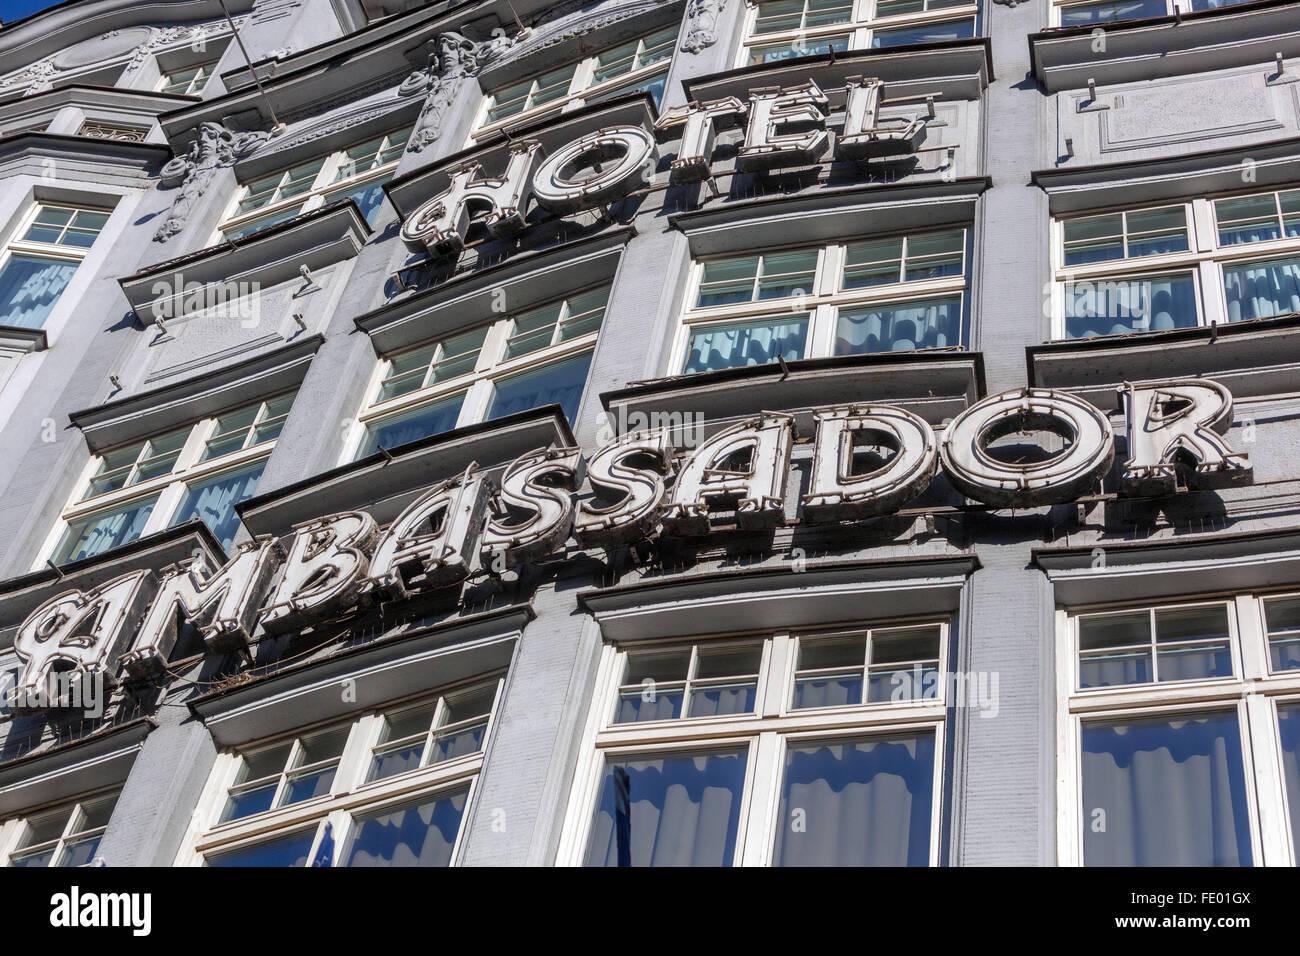 Facade Hotel Ambassador, Wenceslas Square, Prague, Czech Republic - Stock Image